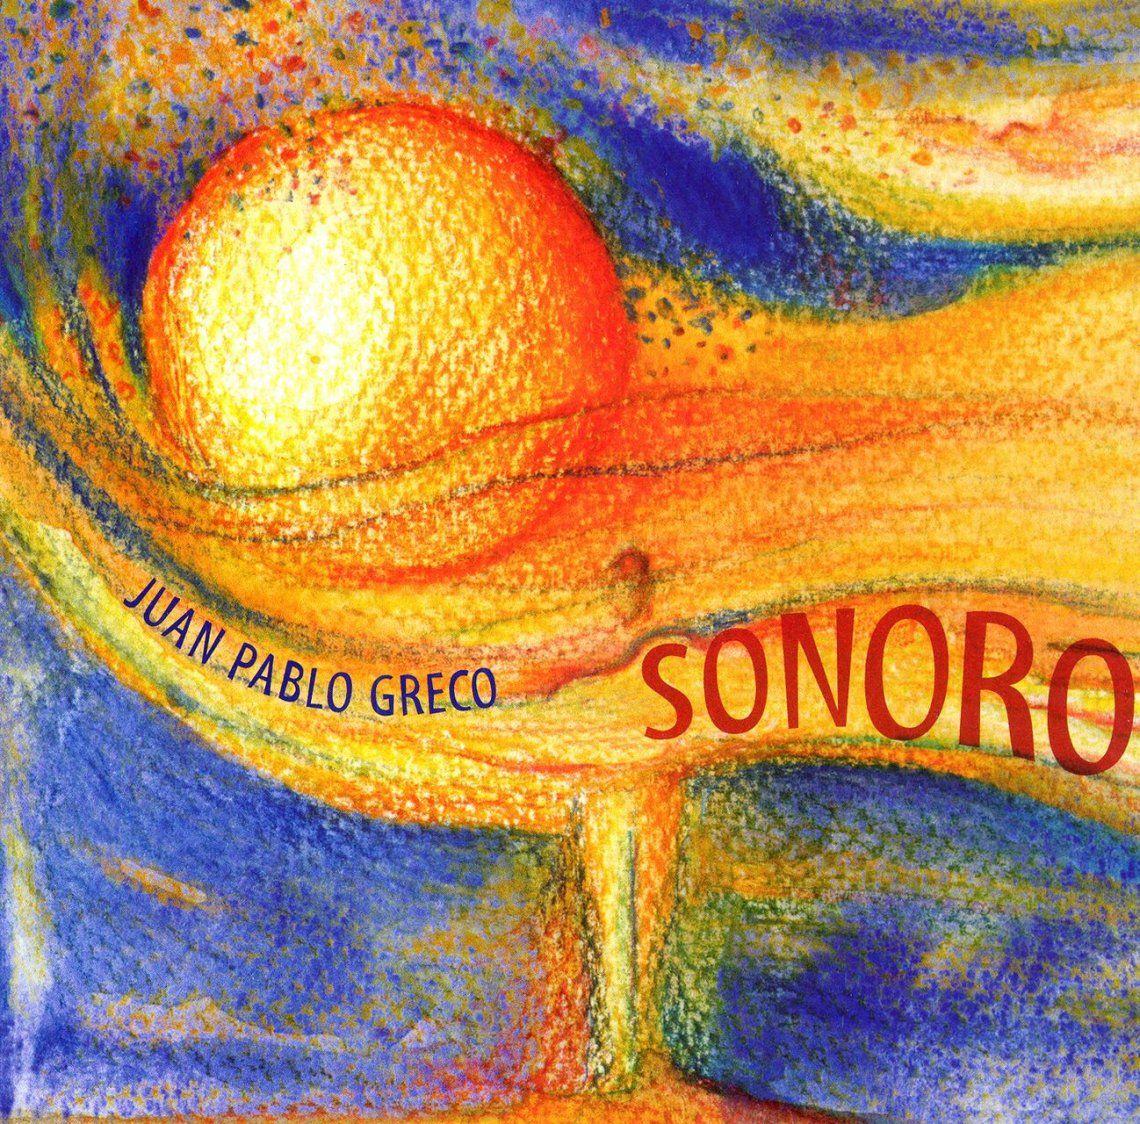 Sonoro, de Juan Pablo Greco